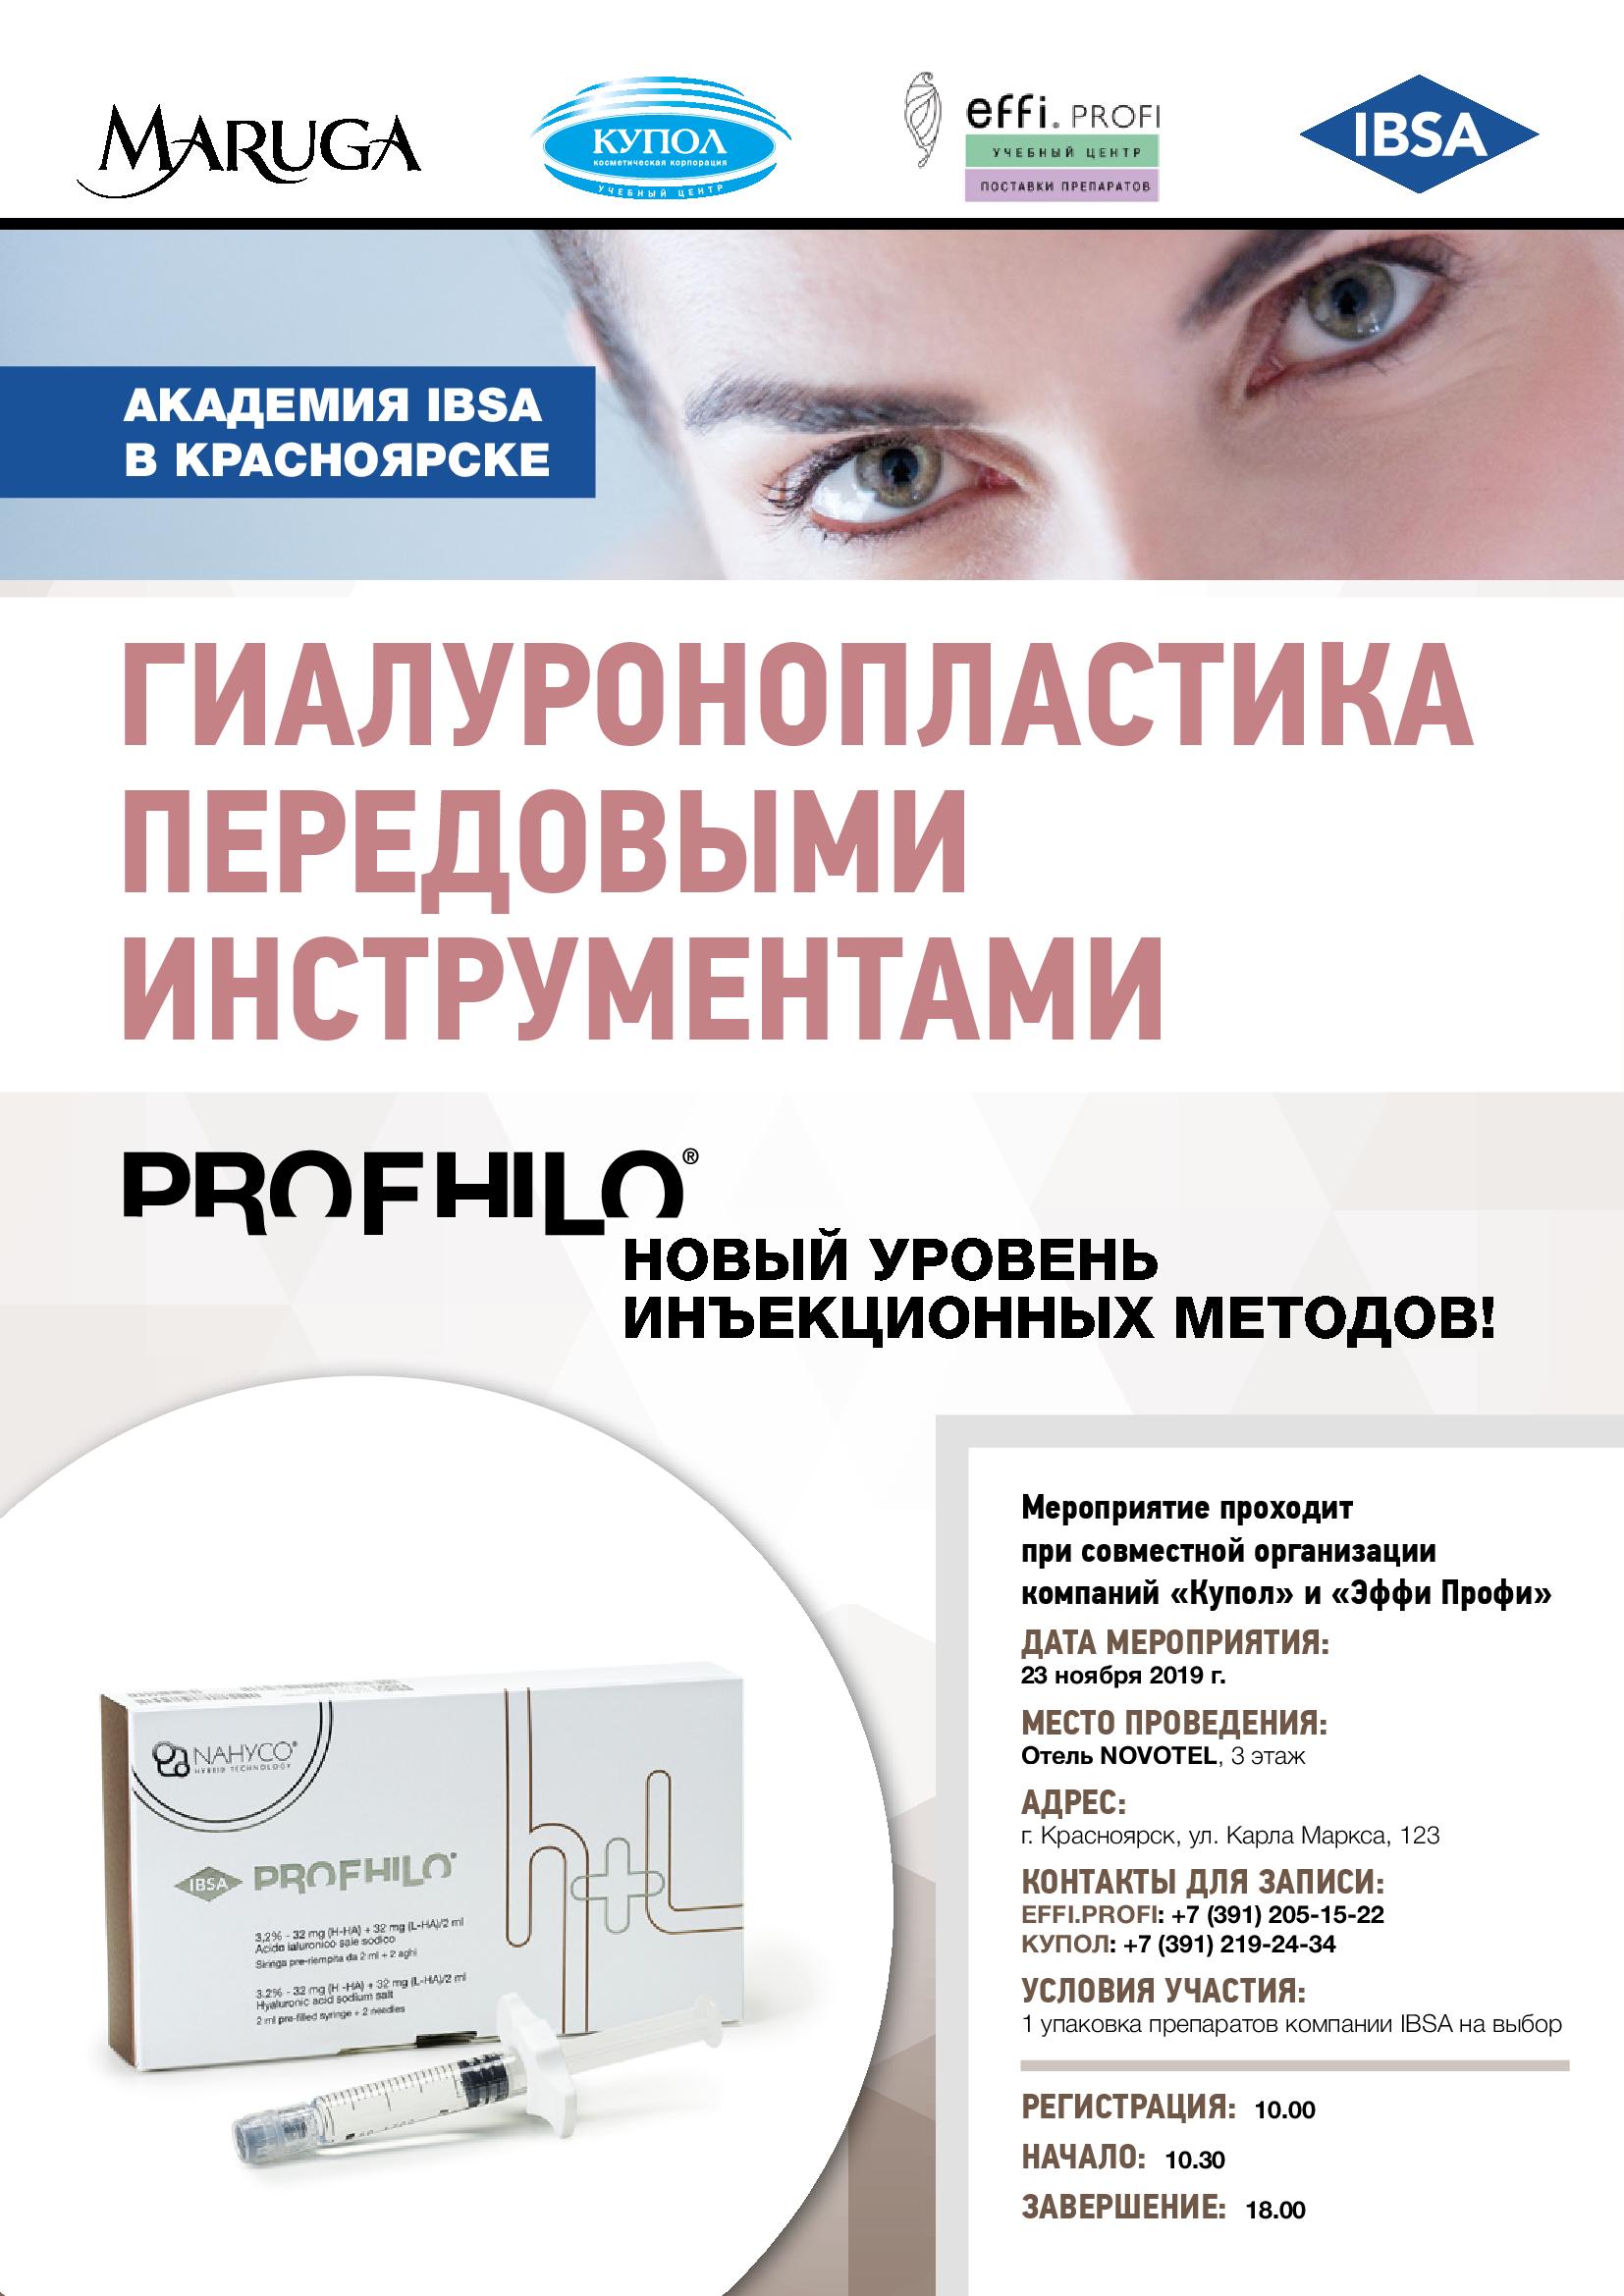 Новинка! Профайло/Profhilo | 2339x1654